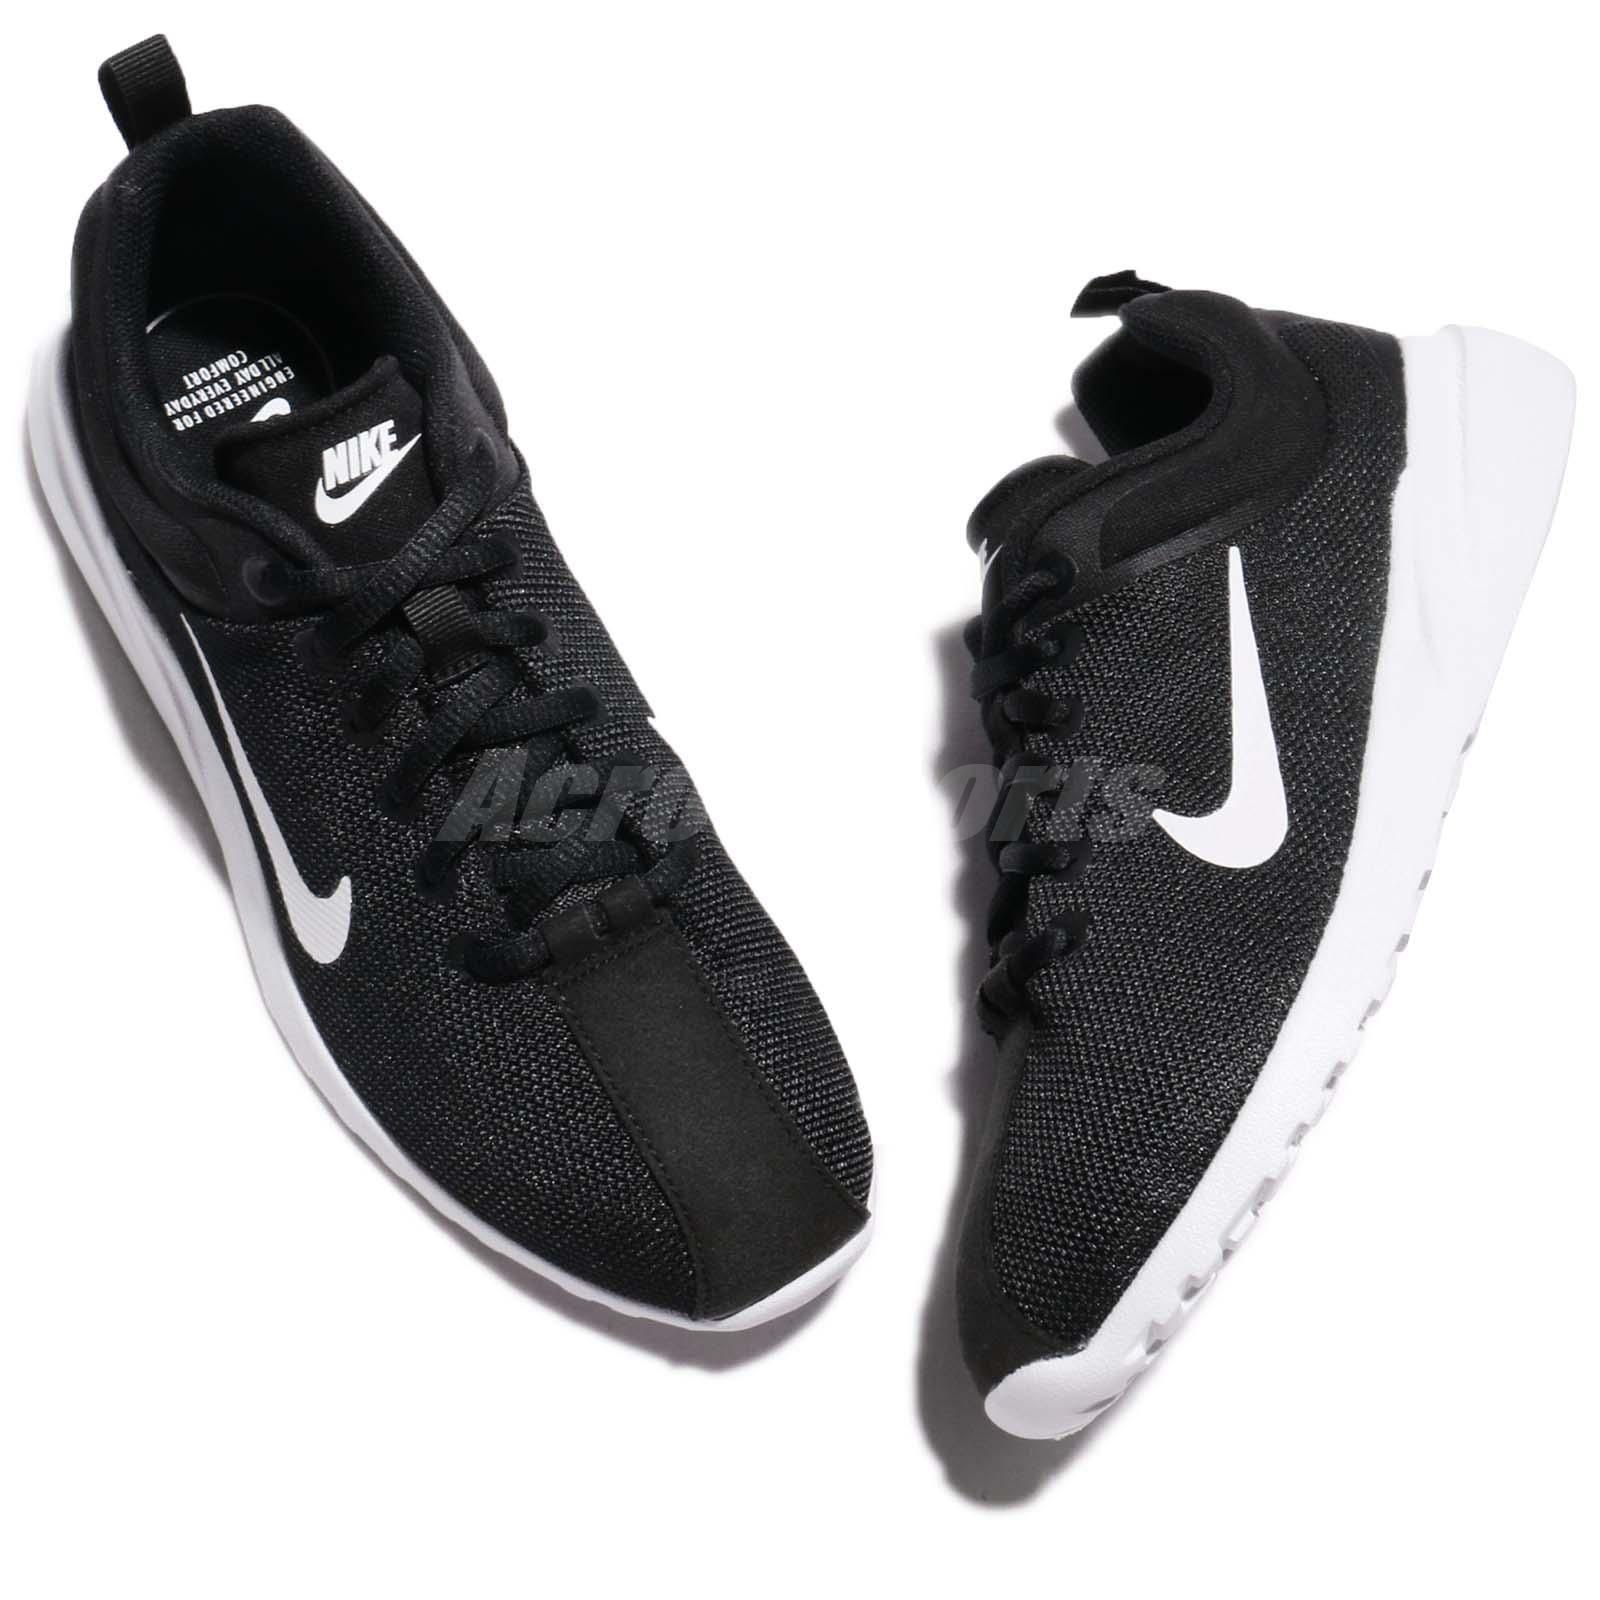 Nike Superflyte: Zapatillas Mujer Moda|Comprar Zapatillas Mujer 916784 100 Blancas